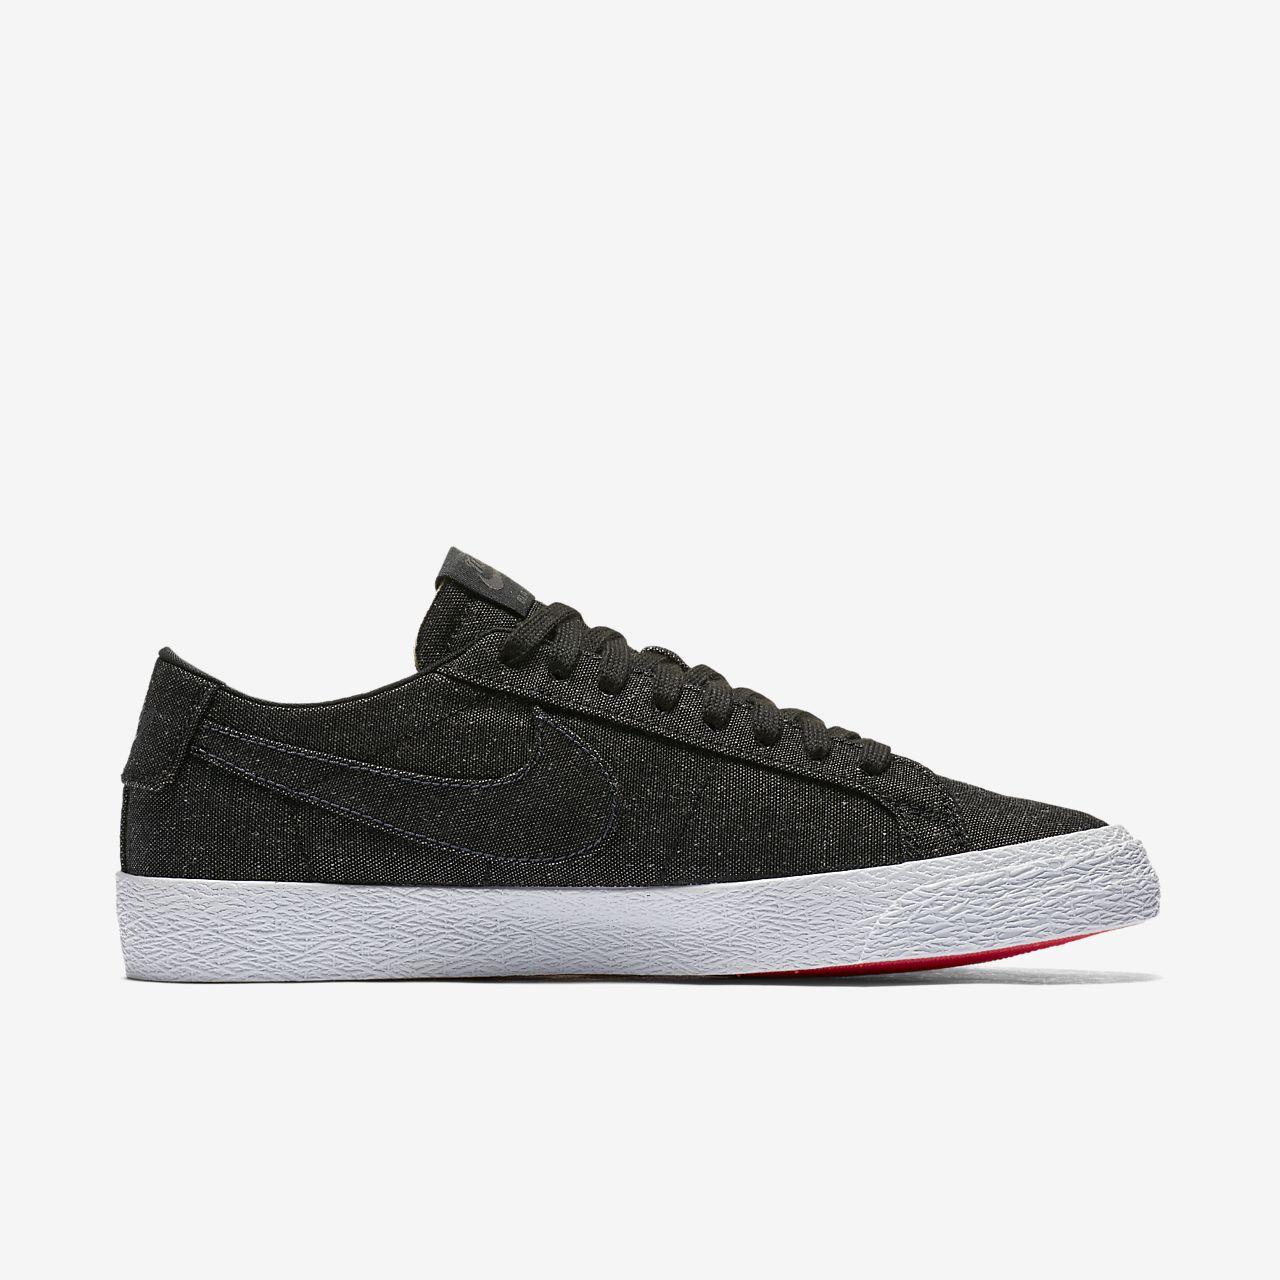 Chaussure de skateboard Nike SB Zoom Blazer Low Canvas Deconstructed pour Homme